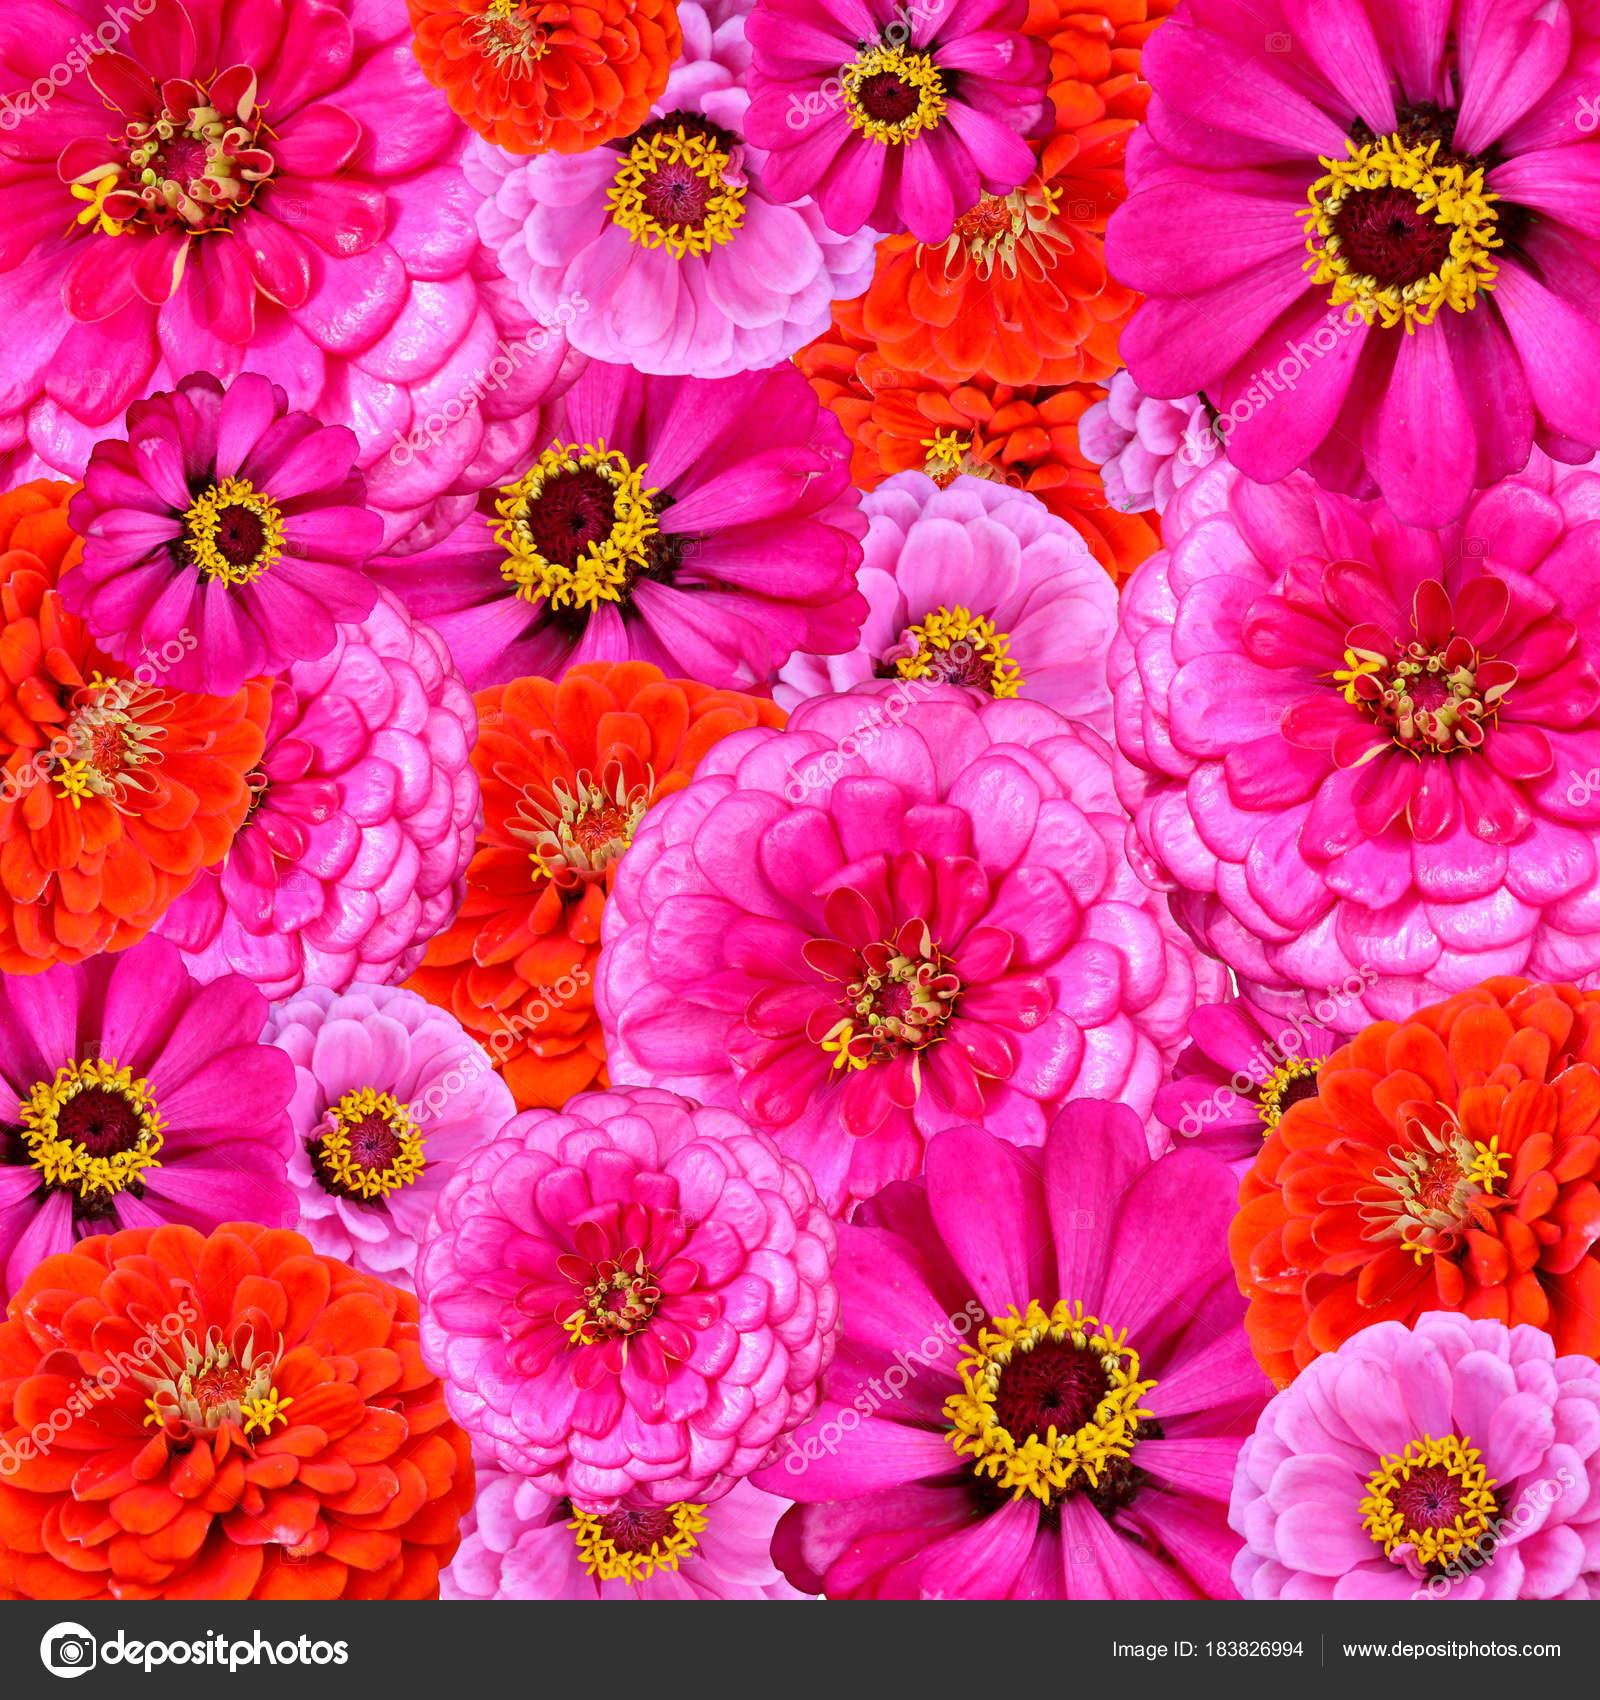 Leuchtend Rote Rosa Und Lila Gartenblumen Als Hintergrundbild